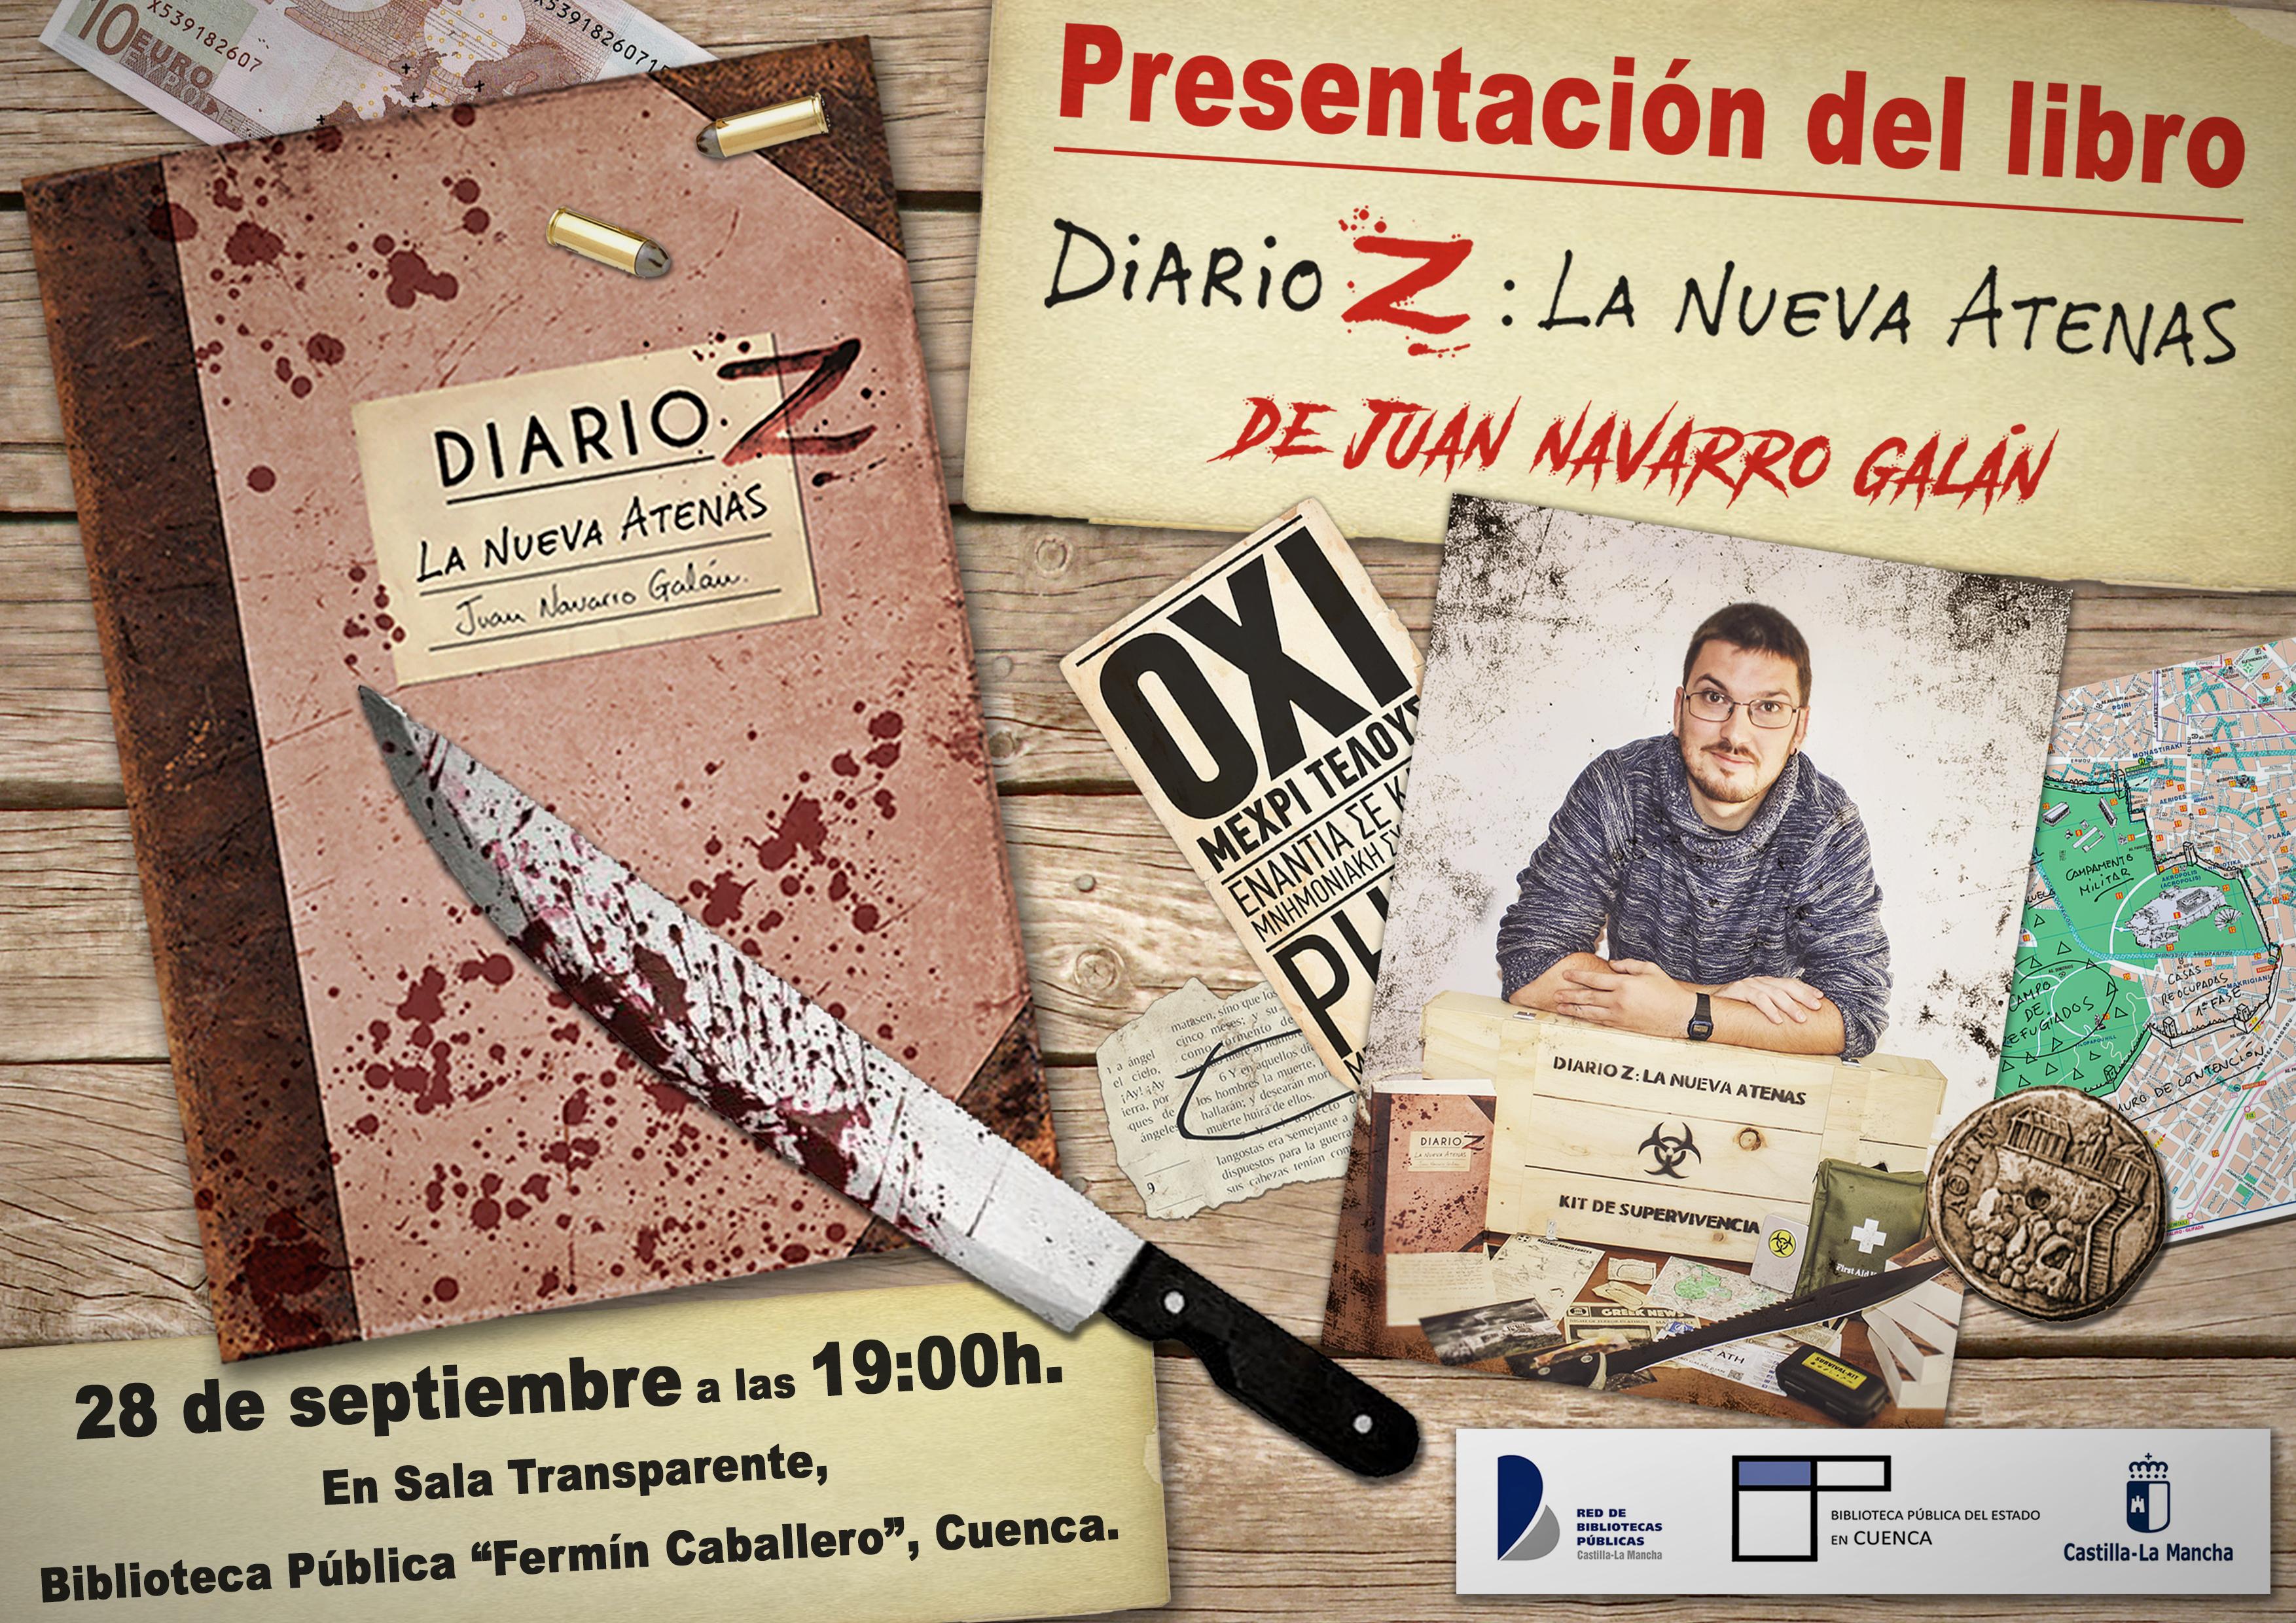 Cartel presentación libro Diario Z biblioteca